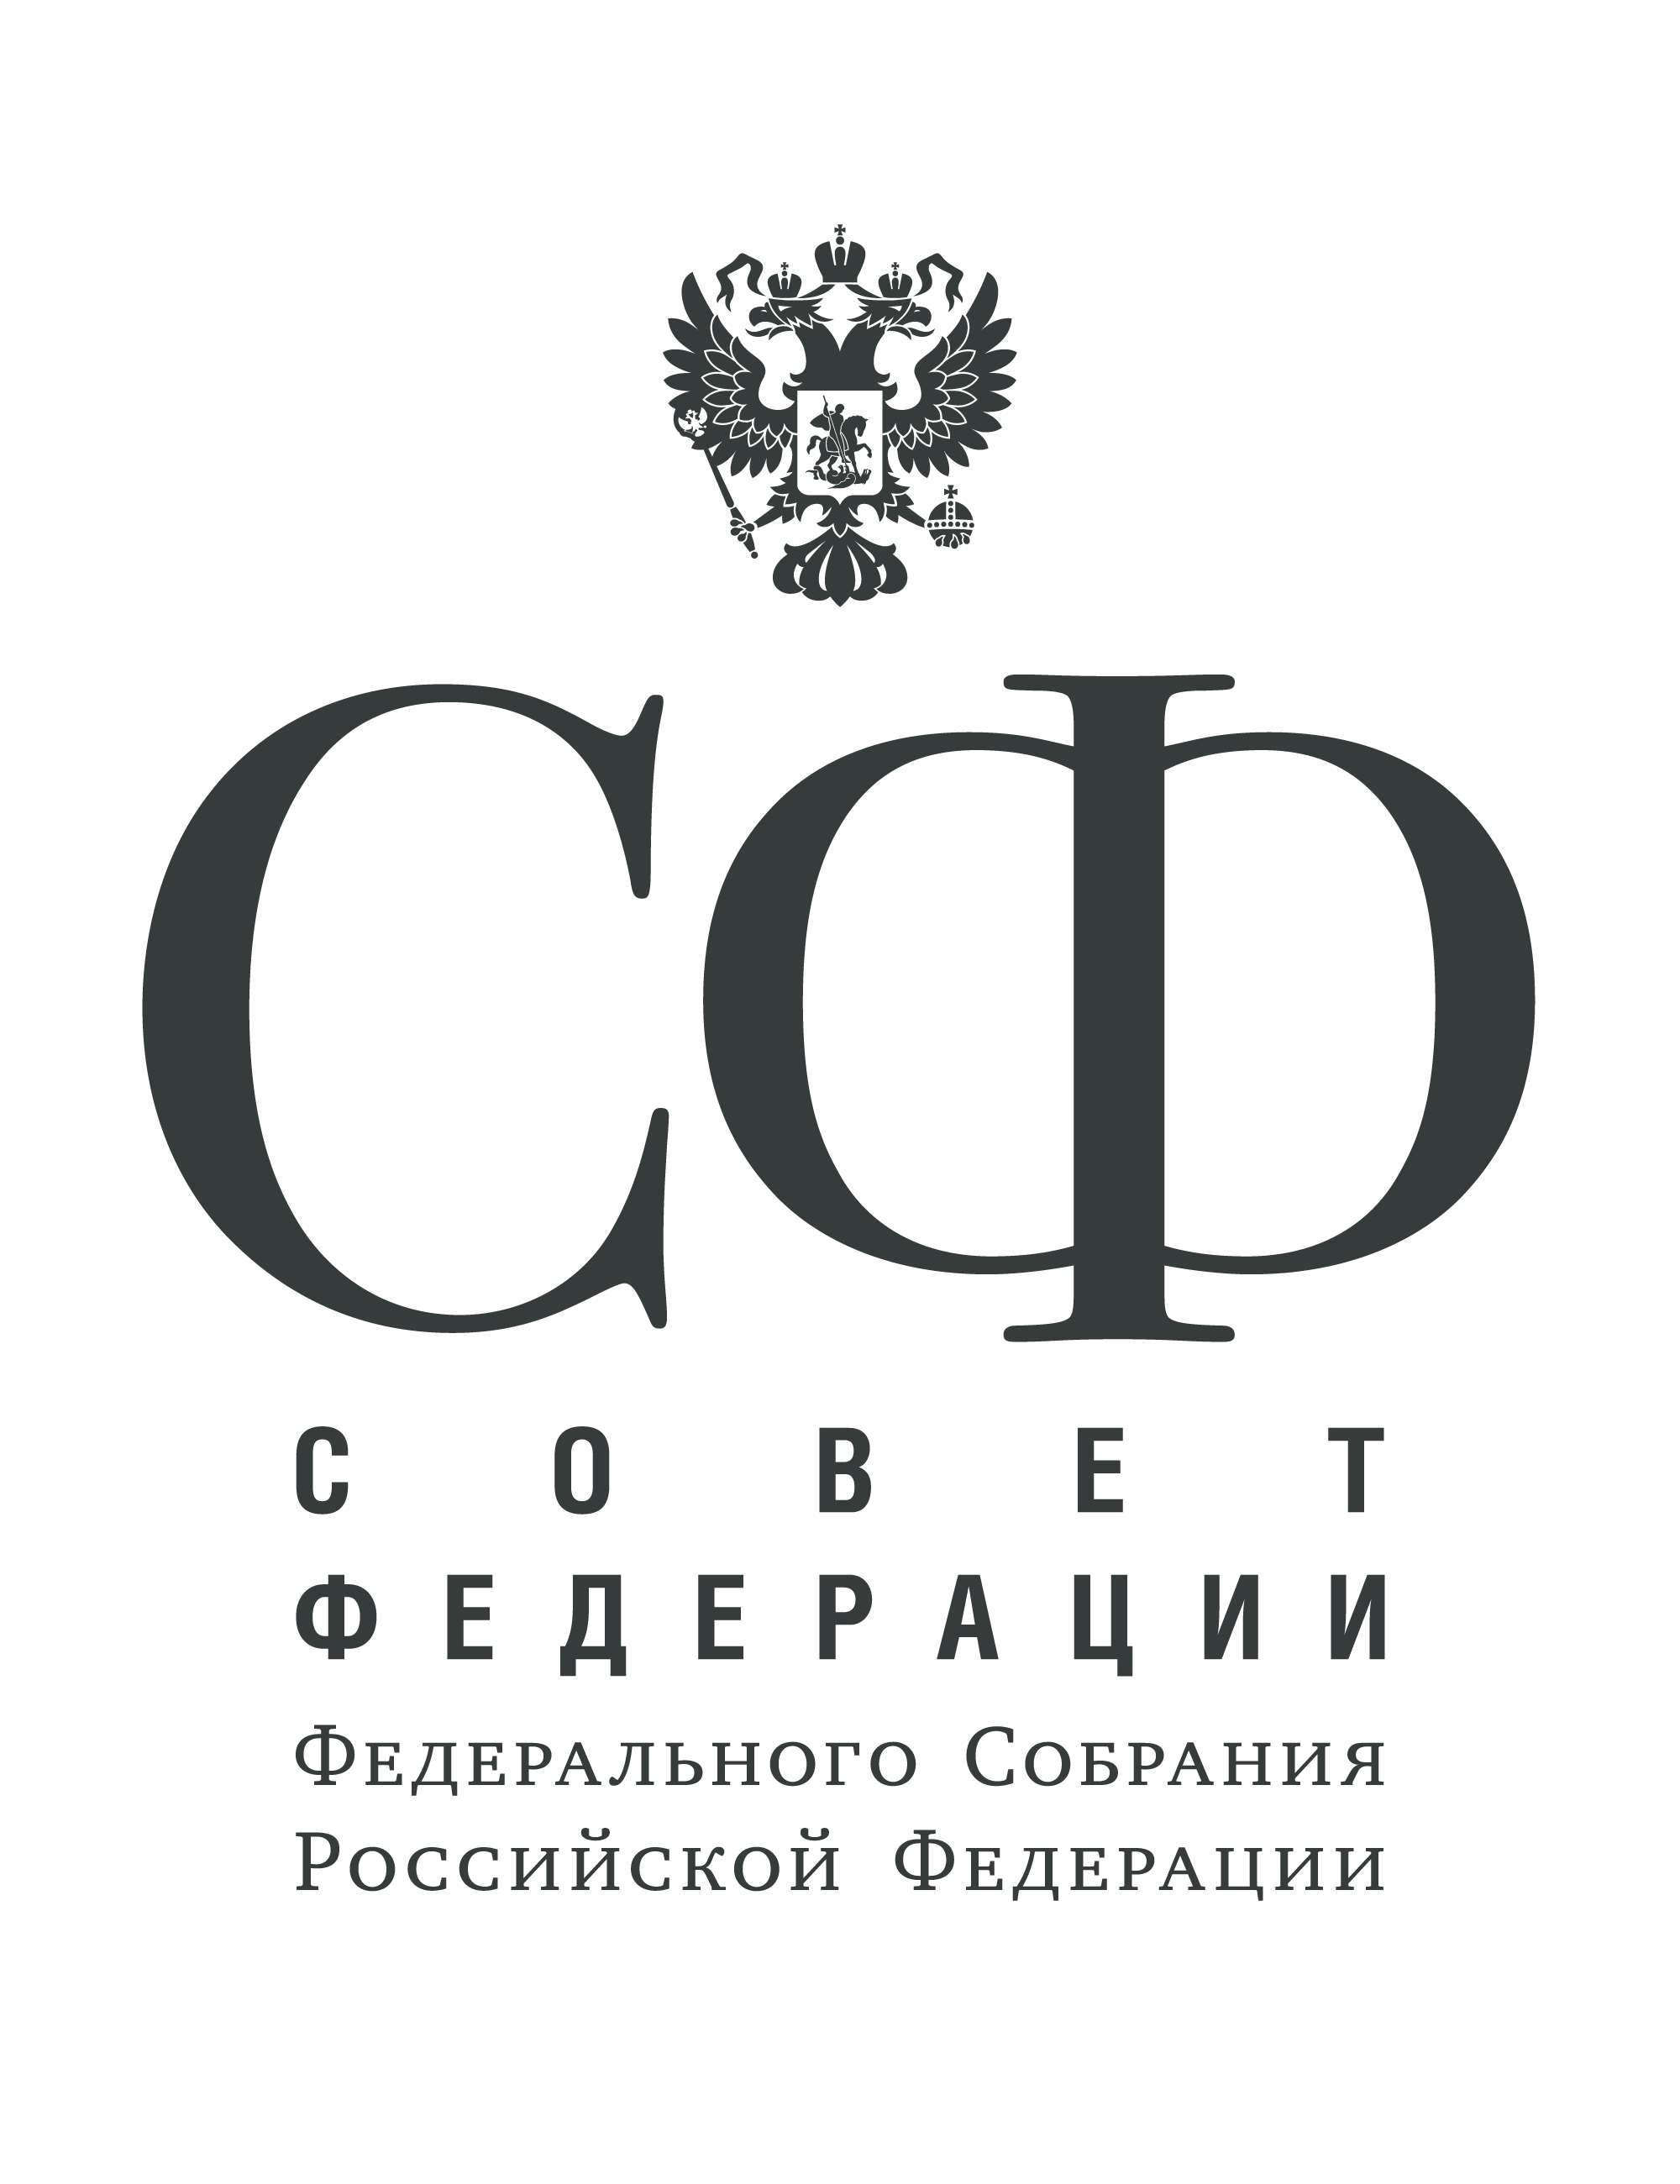 Эмблема (логотип) Совета Федерации Российской Федерации